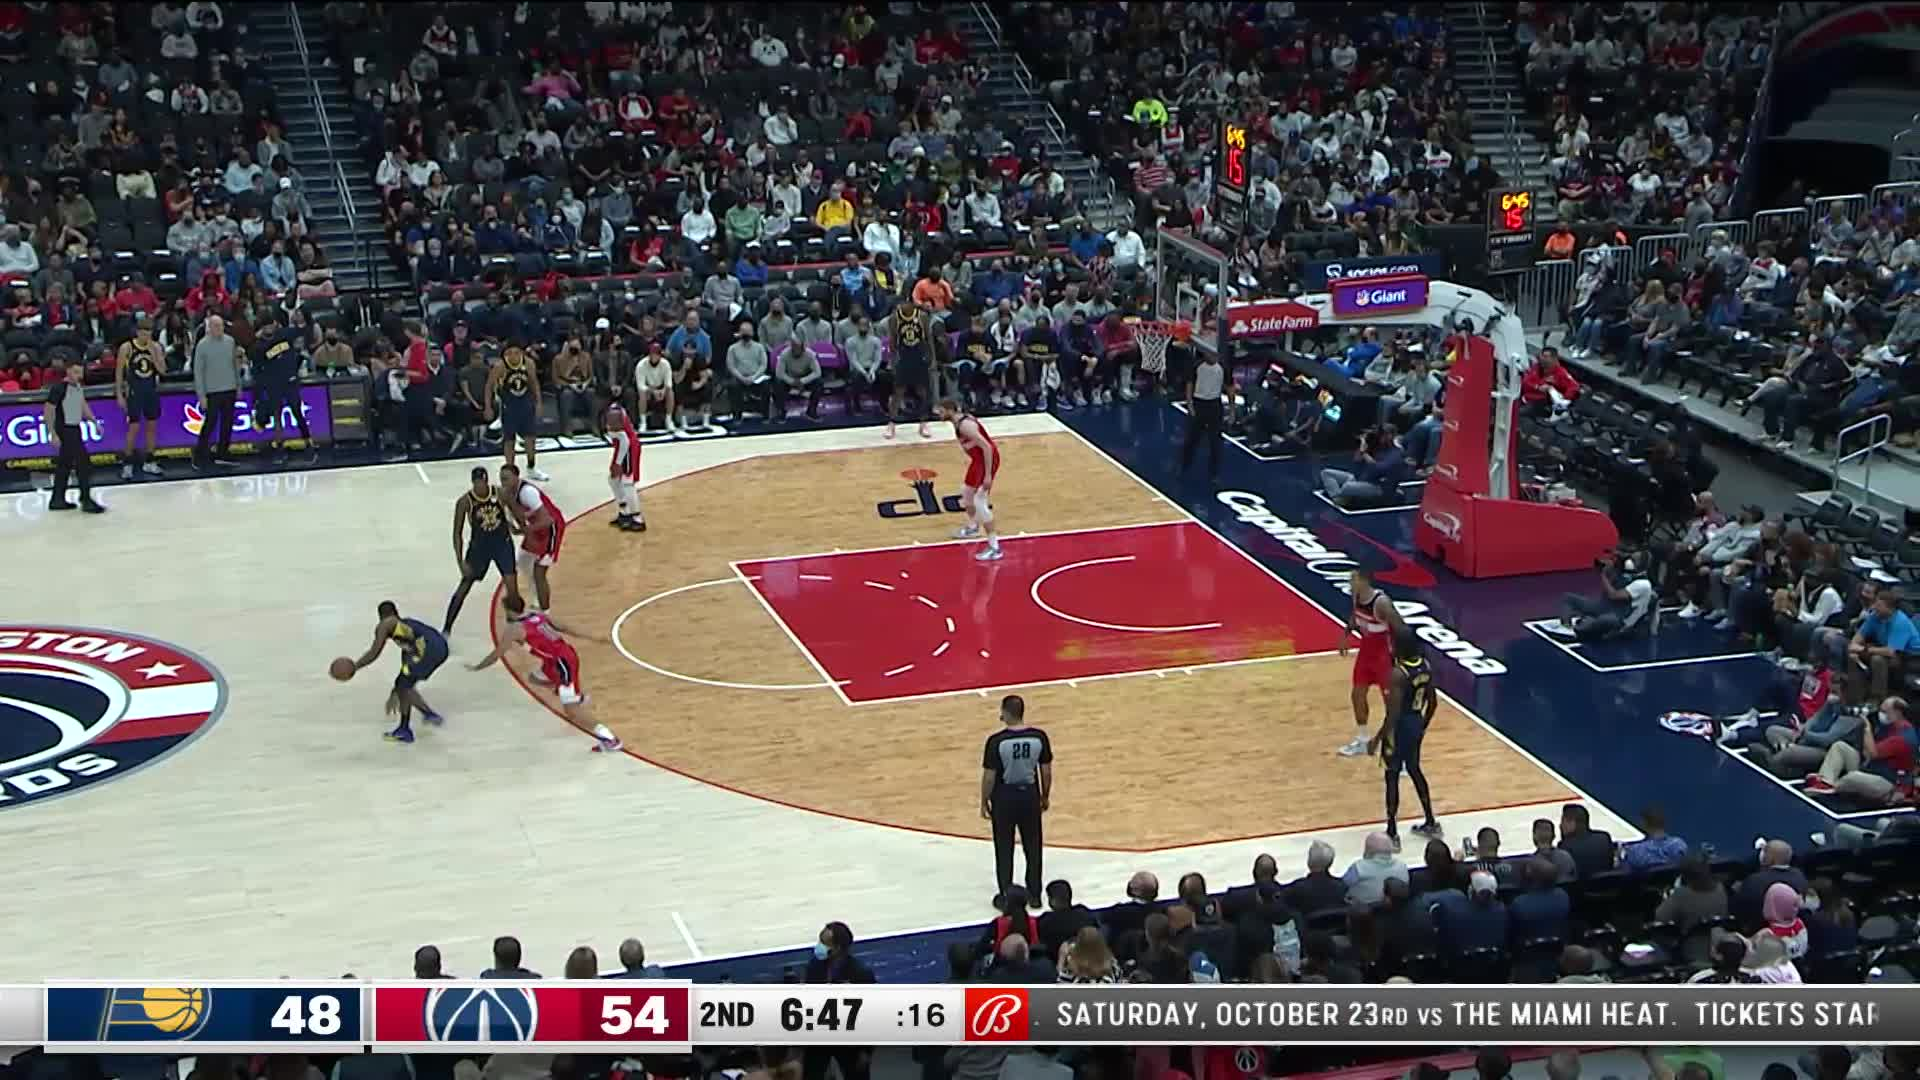 3-pointer by Myles Turner